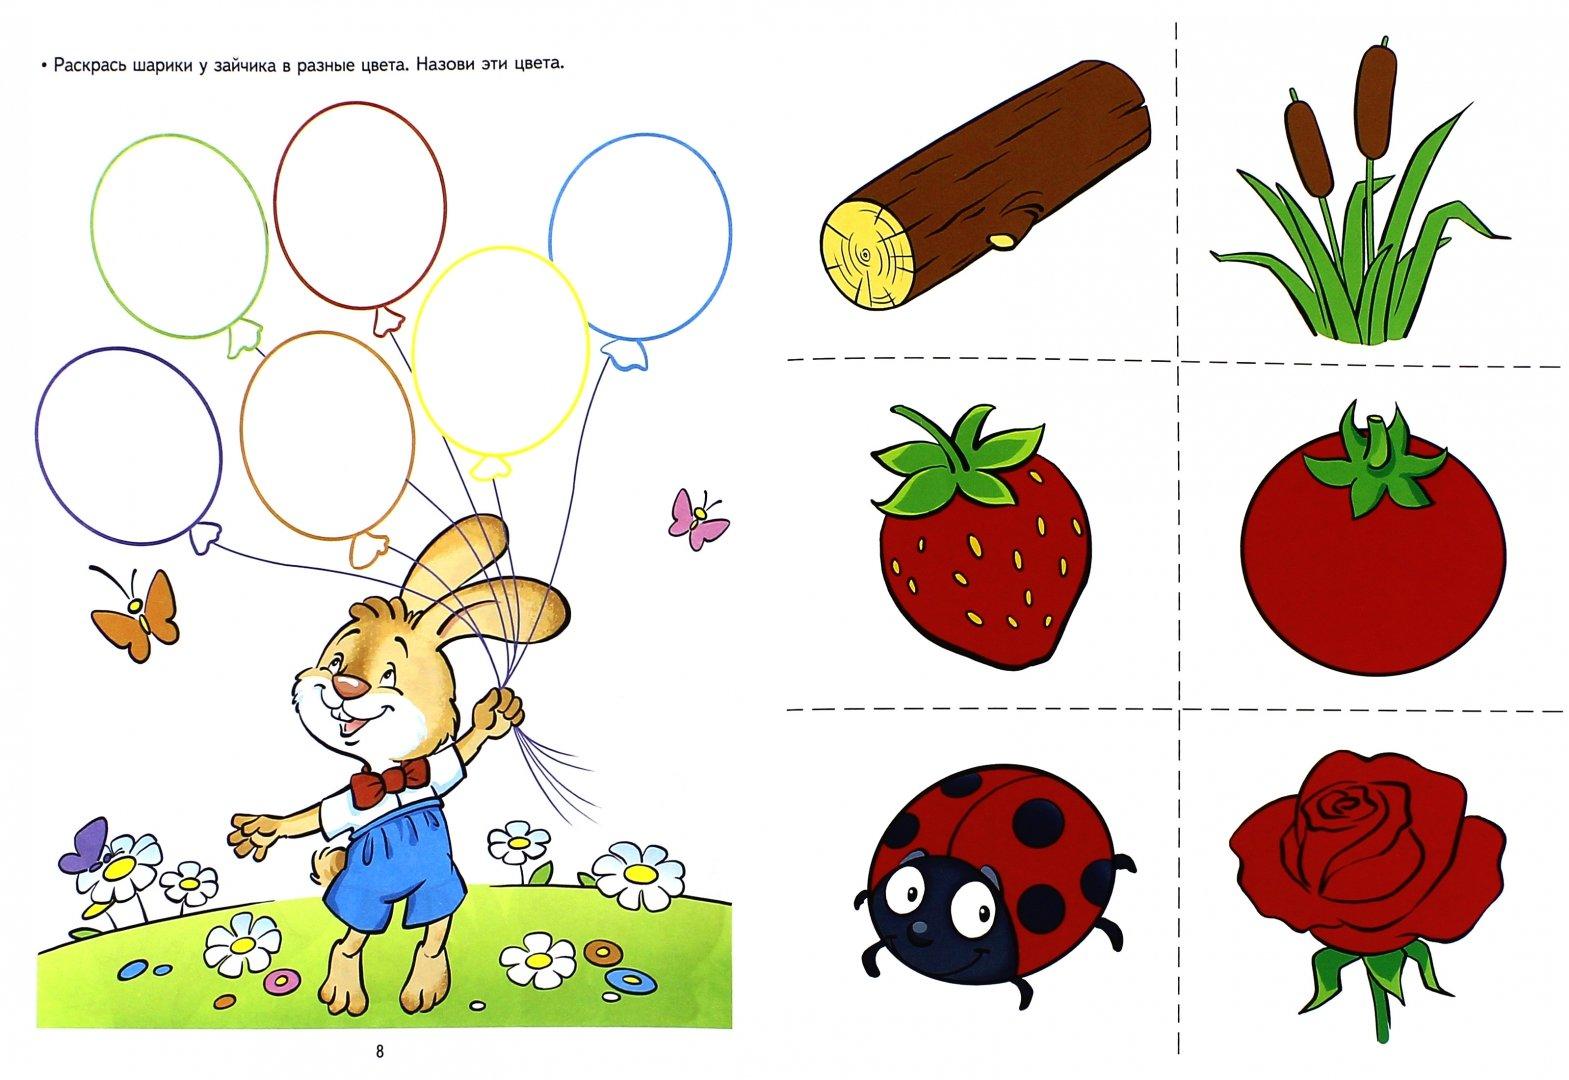 Картинки ребенку 5 лет для развития, все случаи